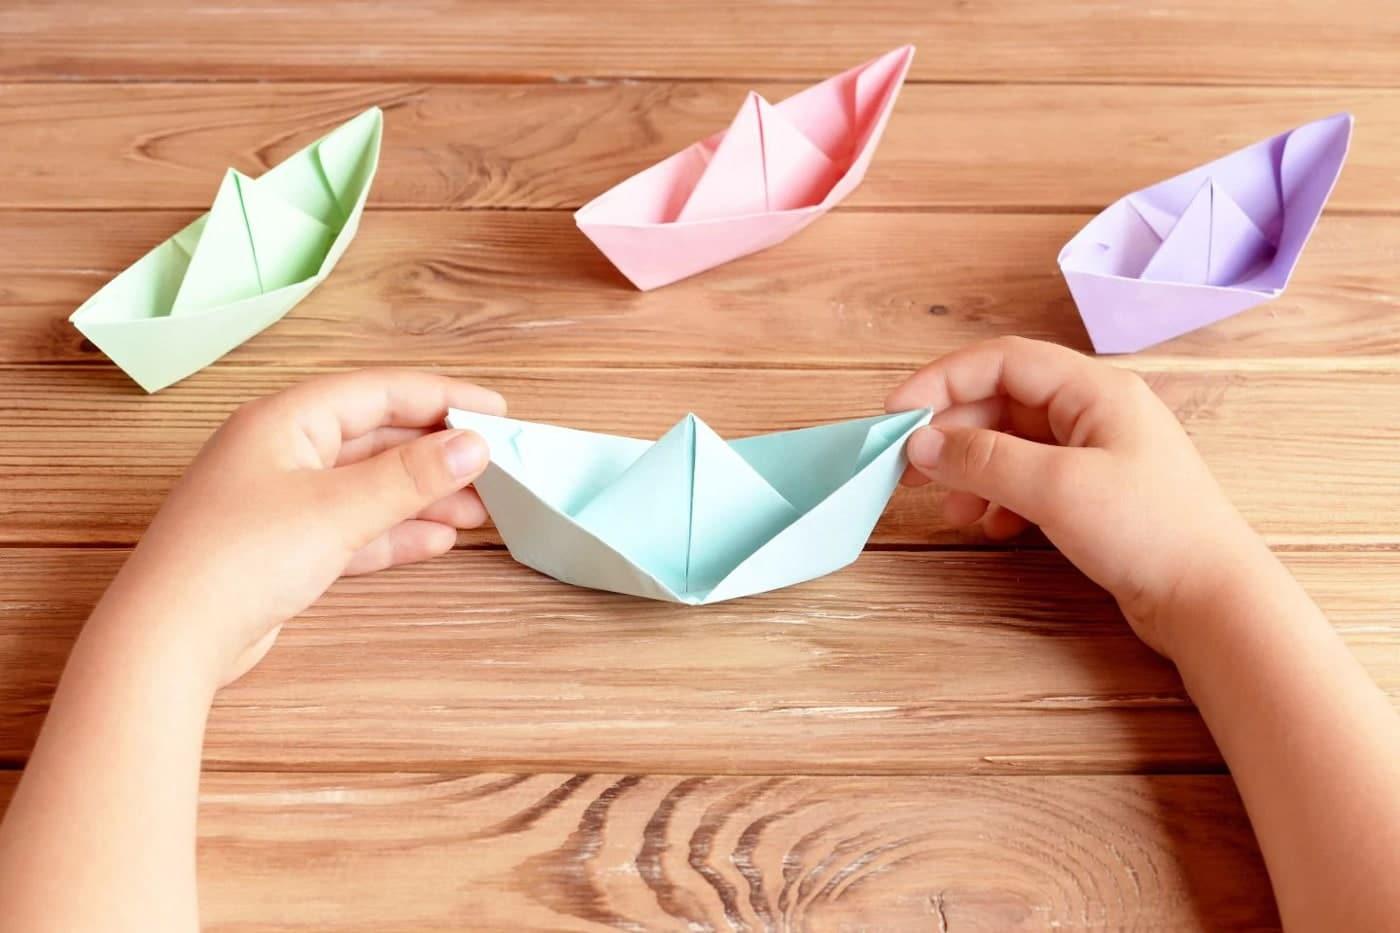 ساخت اوریگامی قایق